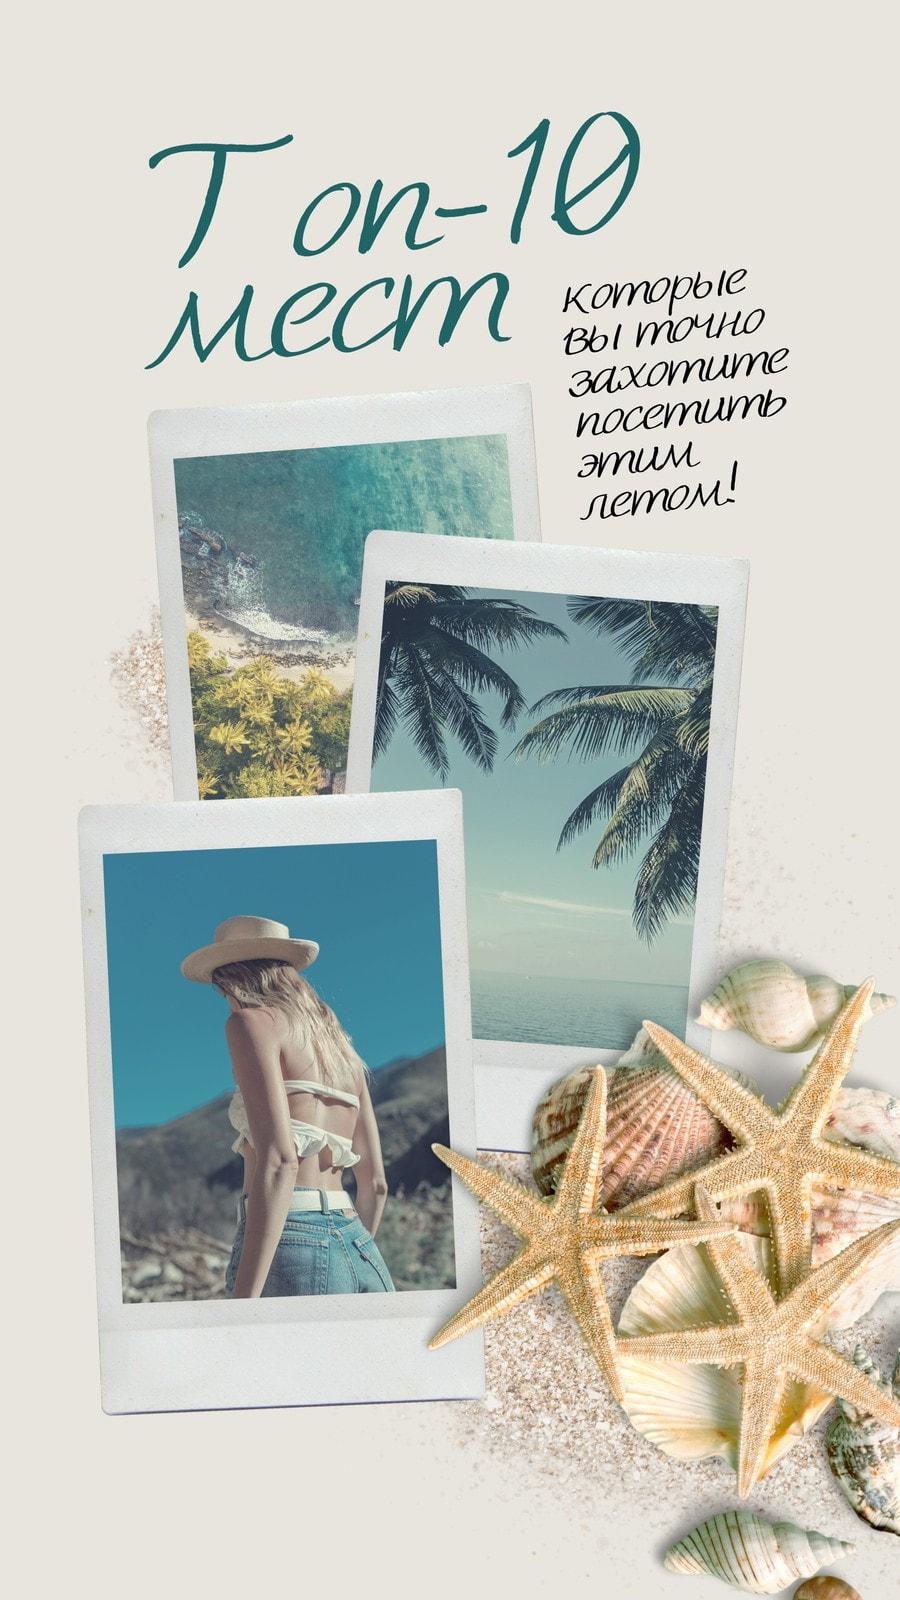 История в Инстаграм о путешествиях с фотографиями на песке и морскими звездами